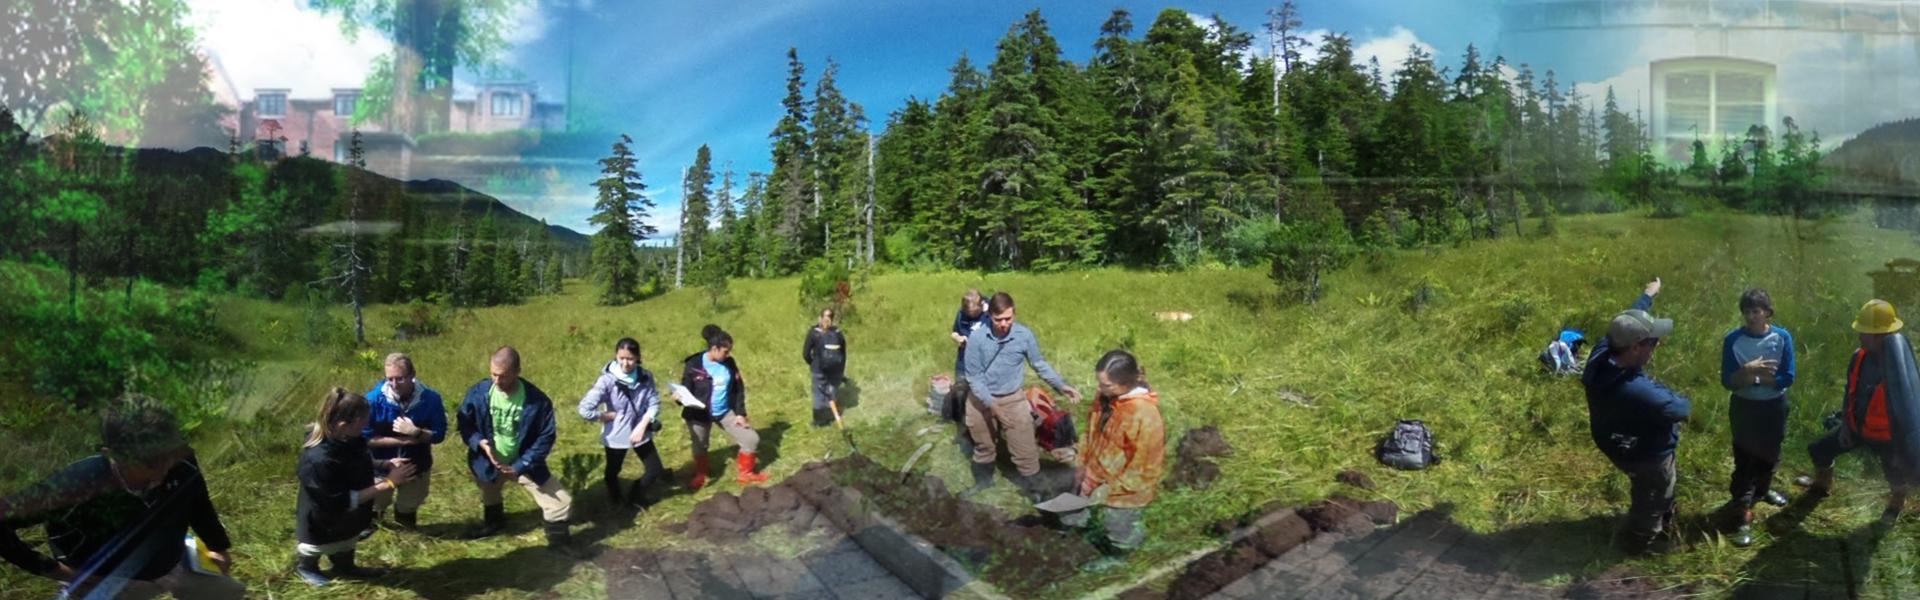 CAUSE fieldwork